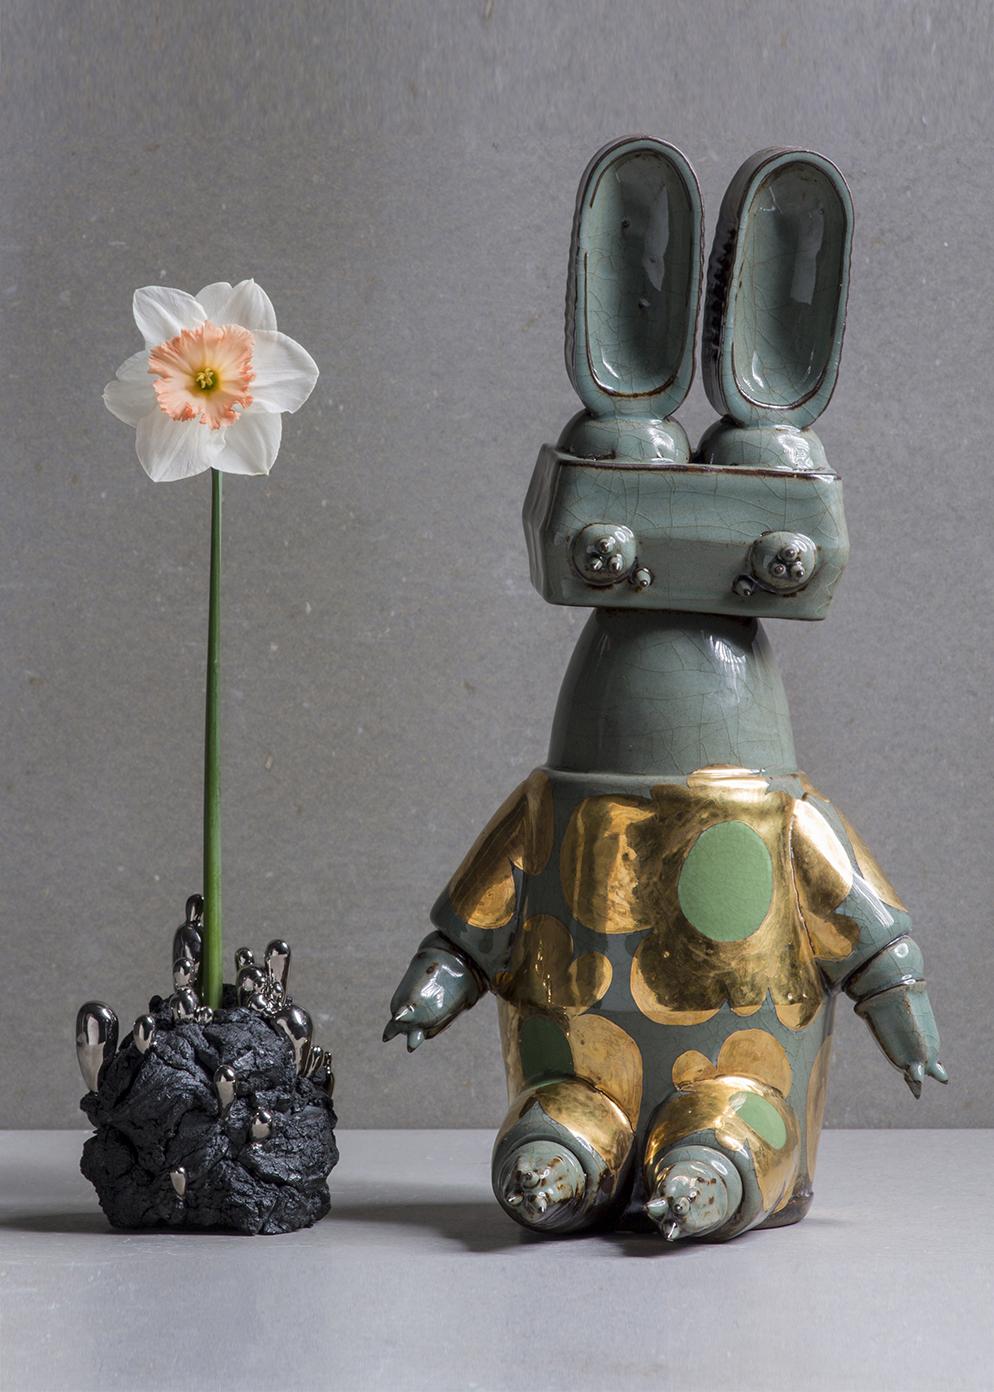 Philosopher's stone and Flowery Rabbit, 2018